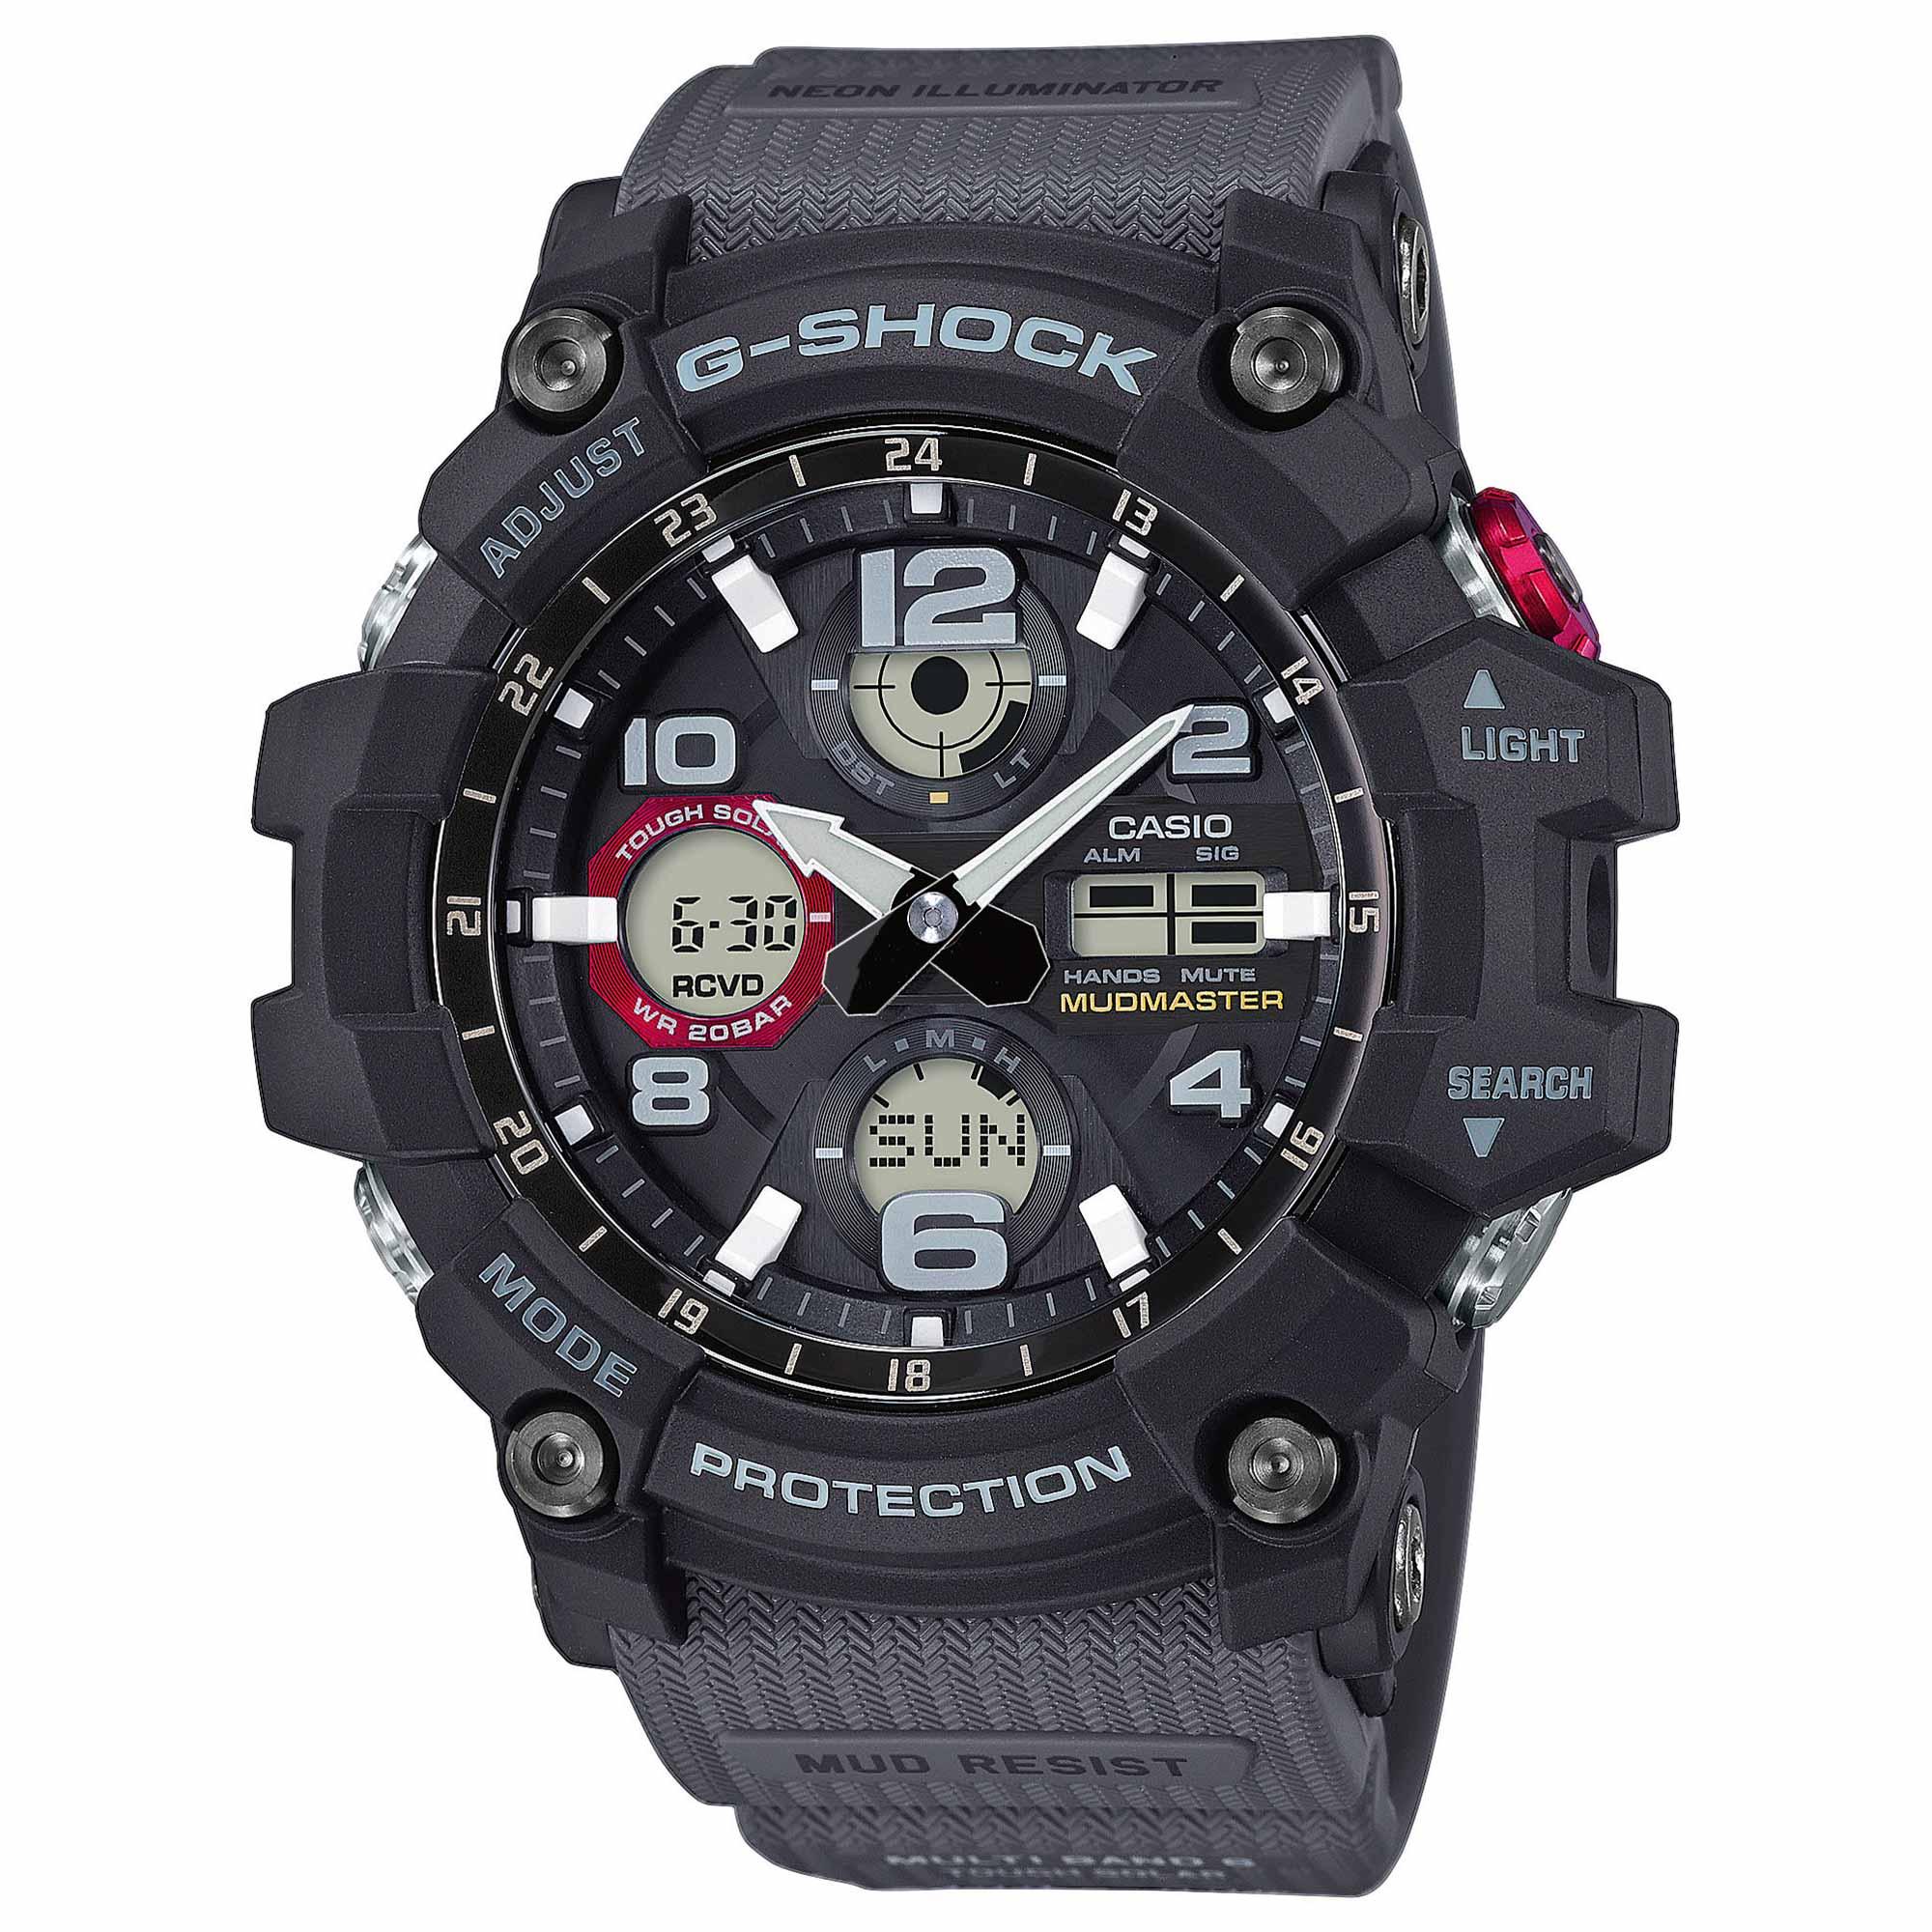 Casio Uhr G-Shock Mudmaster GWG-100-1A8ER schwarz rot